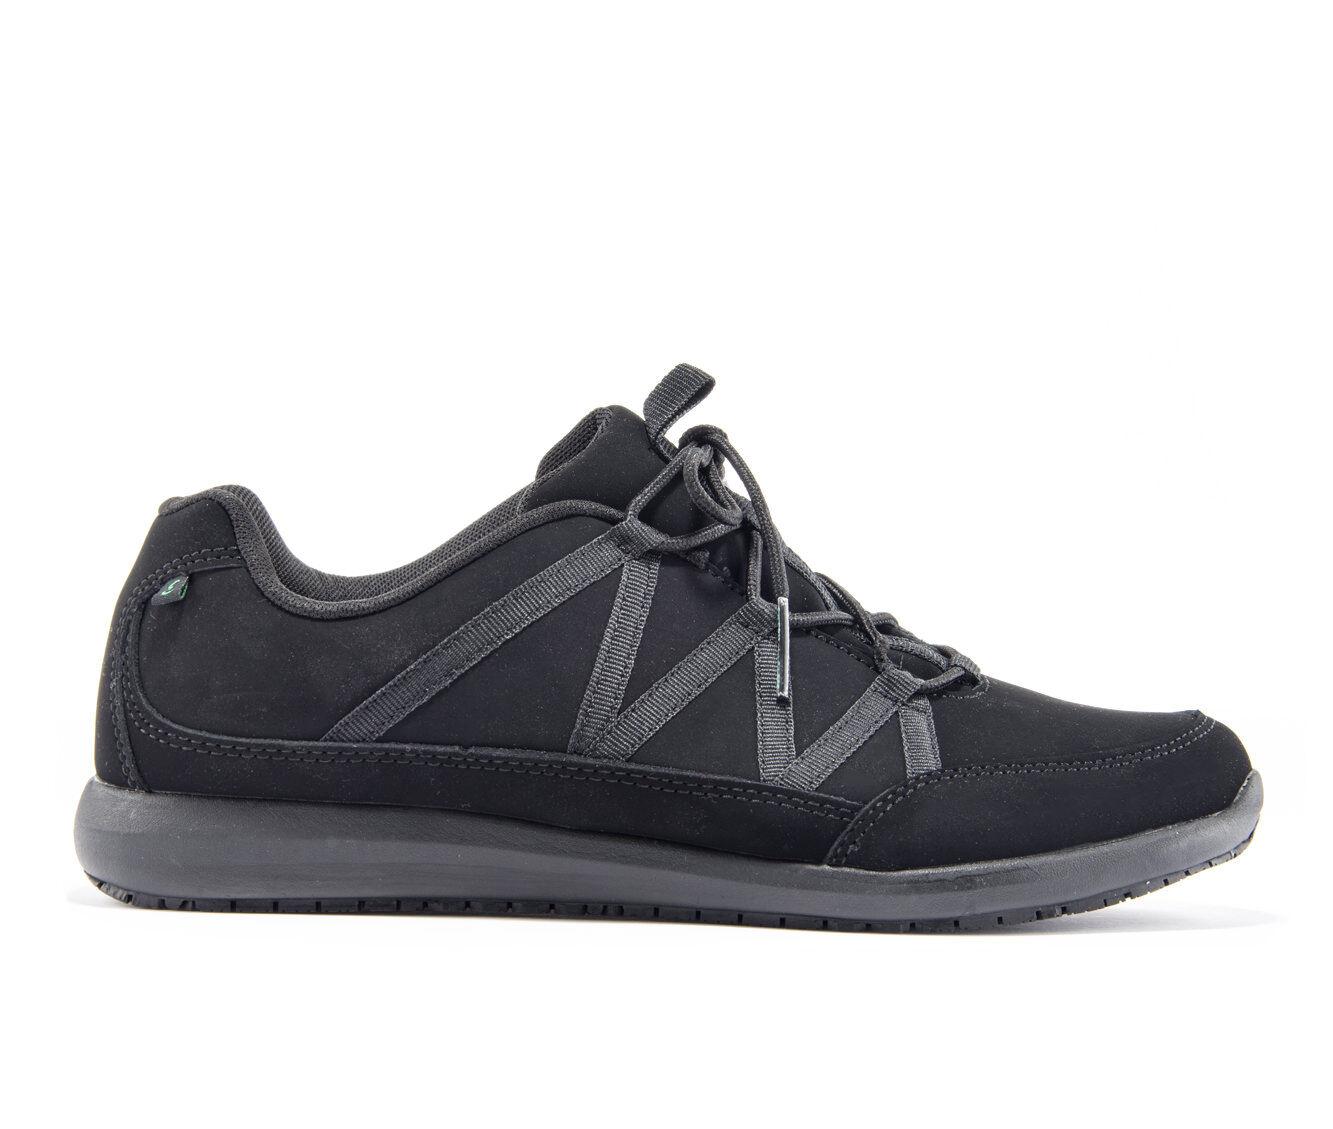 find authentic Women's Emeril Lagasse Conti Slip Resistant Shoes Black